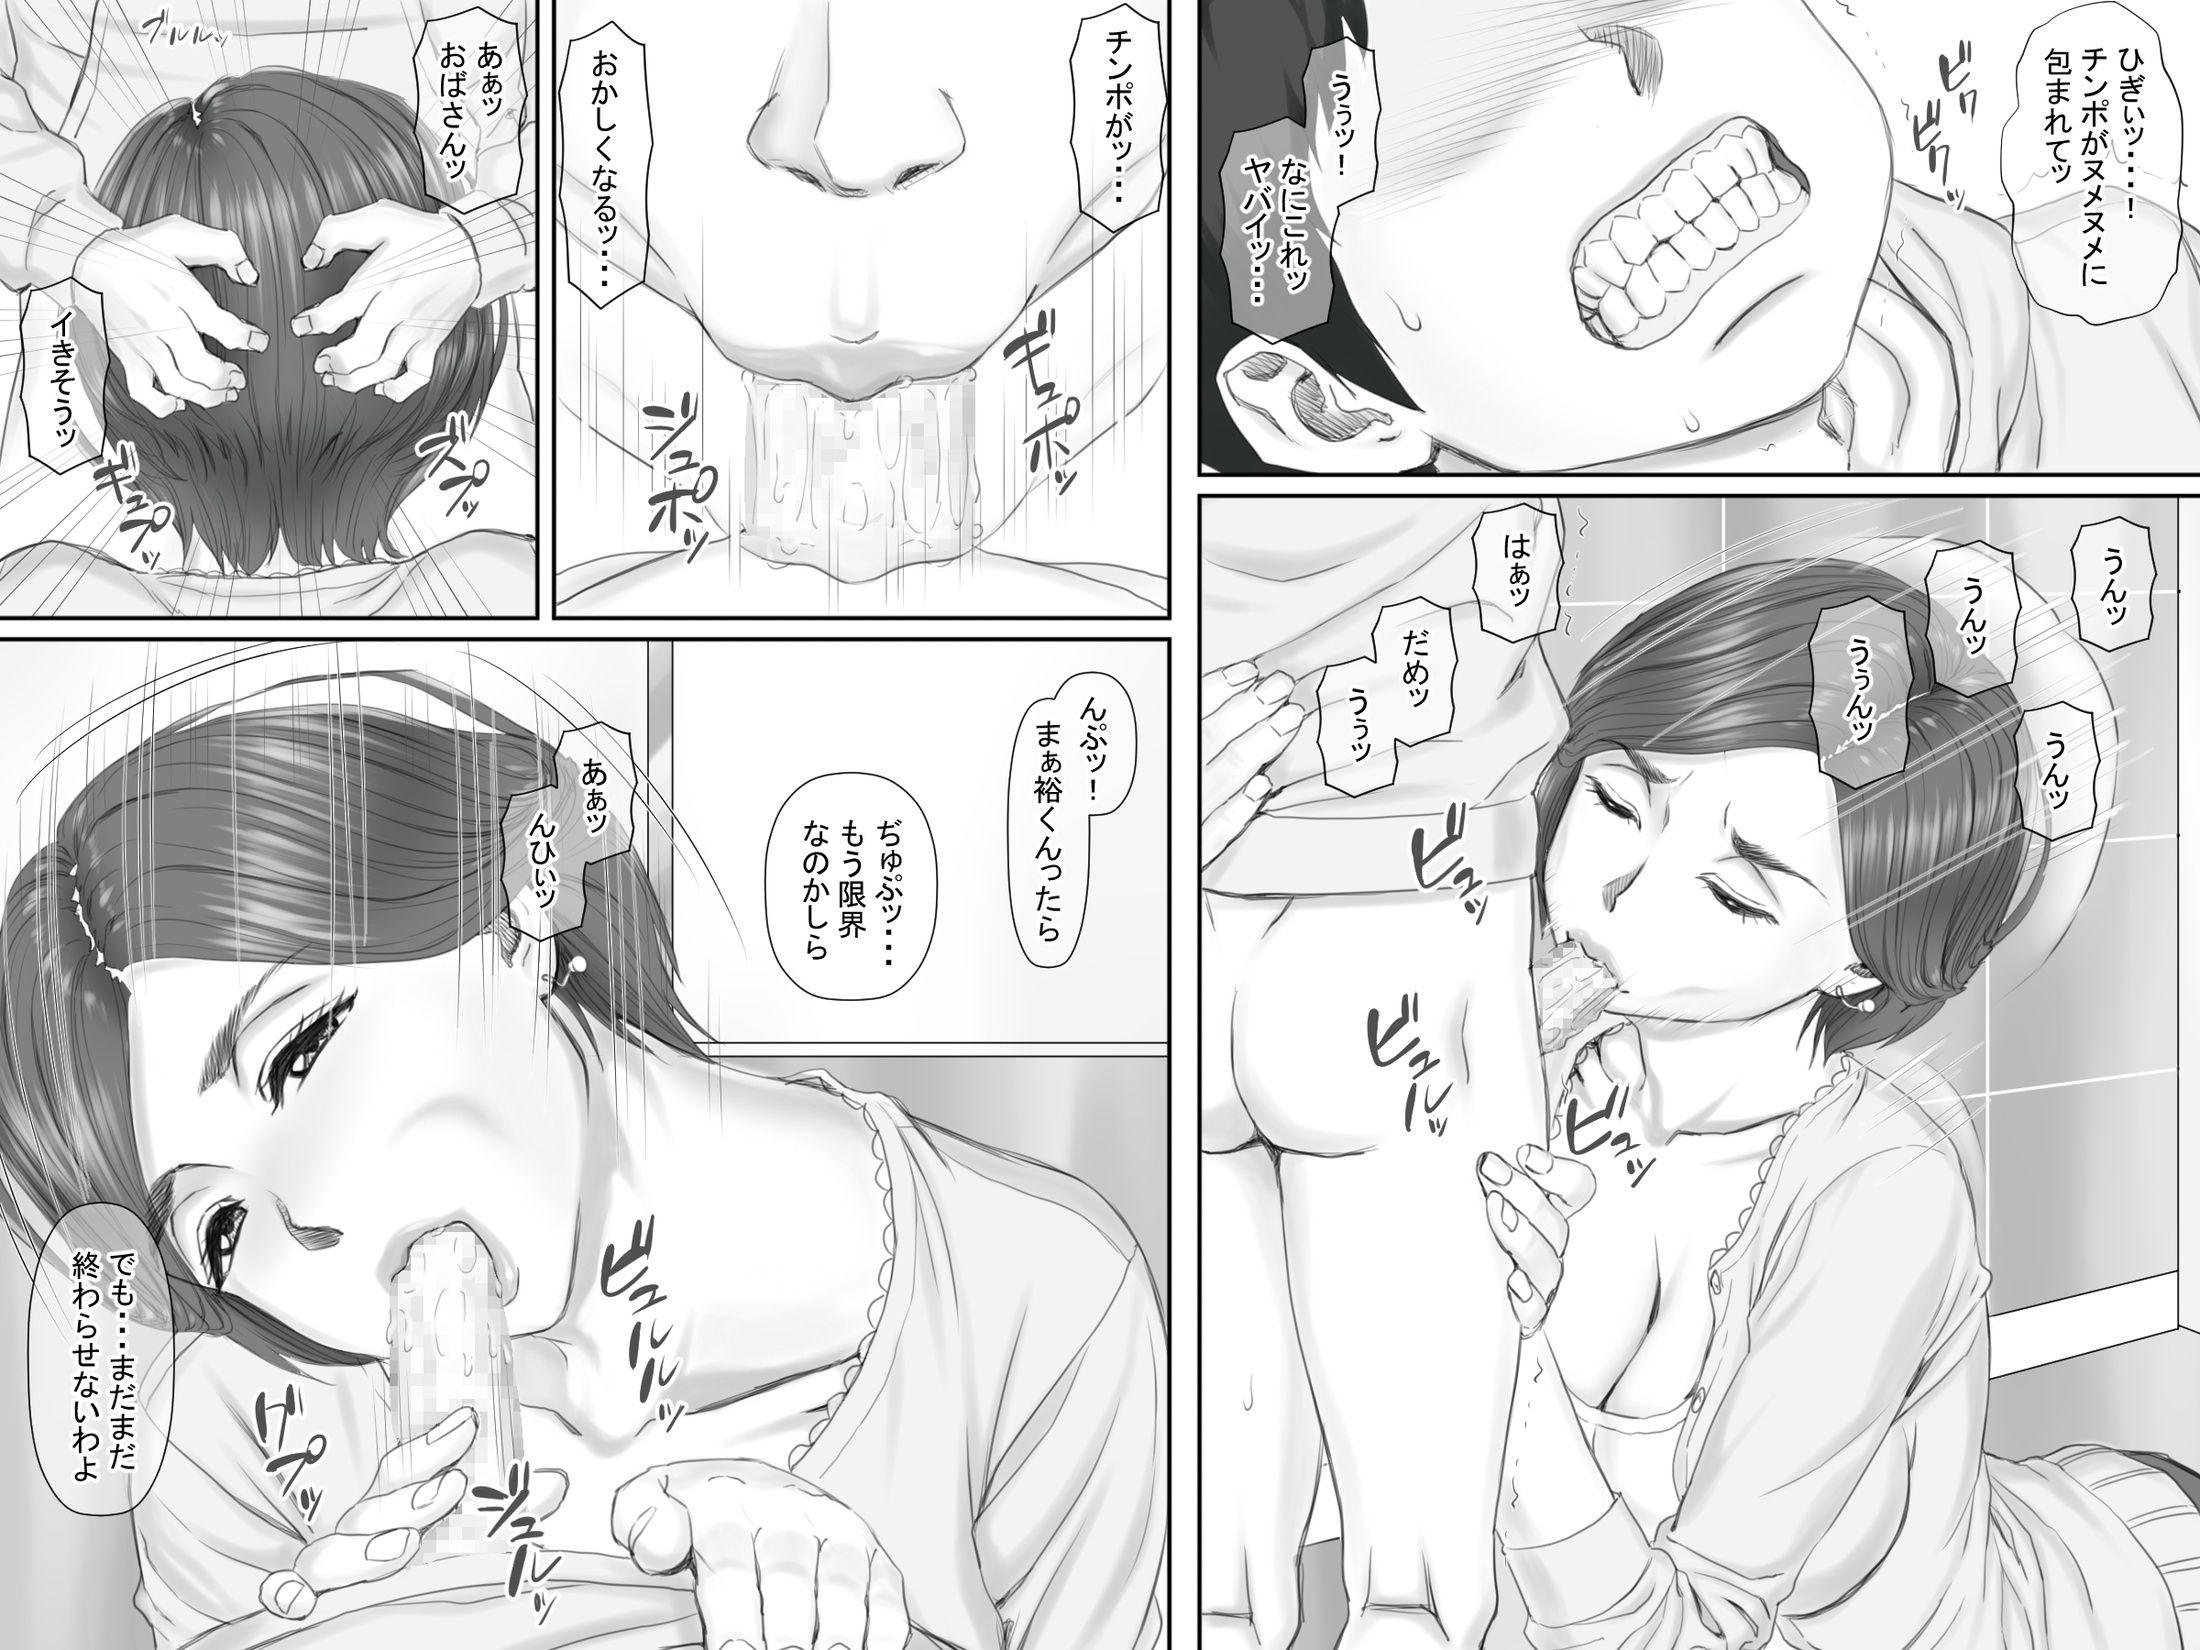 【エロ漫画・エロ同人誌】巨乳人妻と付き合ってエッチしてるショタっ子www ボクの彼女は40歳の人妻でママの友達 (20)